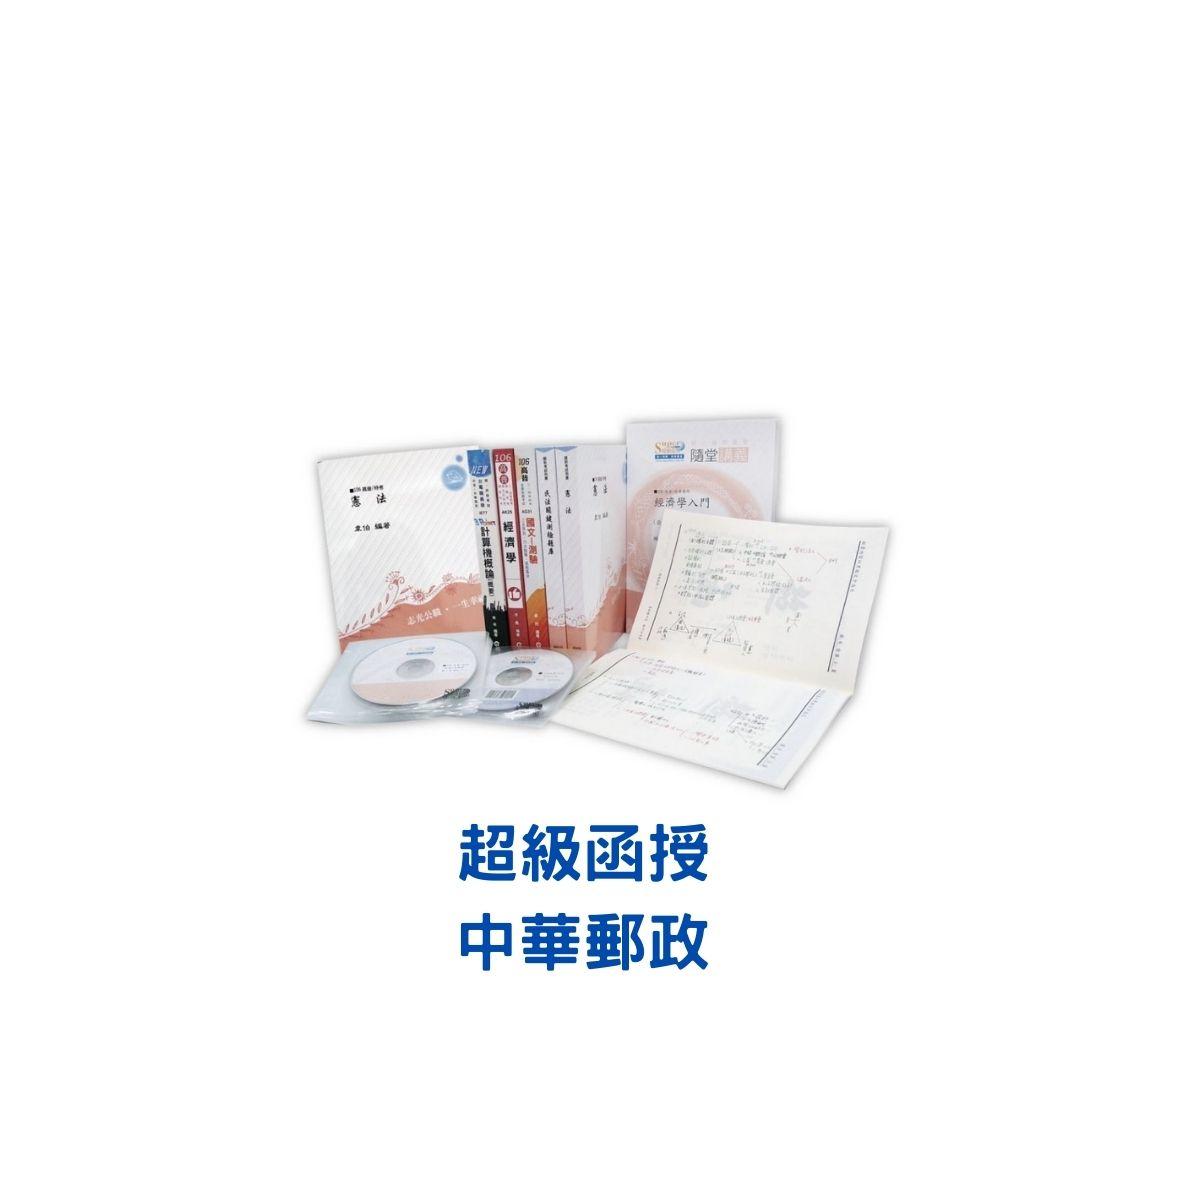 109超級函授/中華郵政/專業職(一)-郵儲業務(甲)/全套/年度班/雲端函授全套